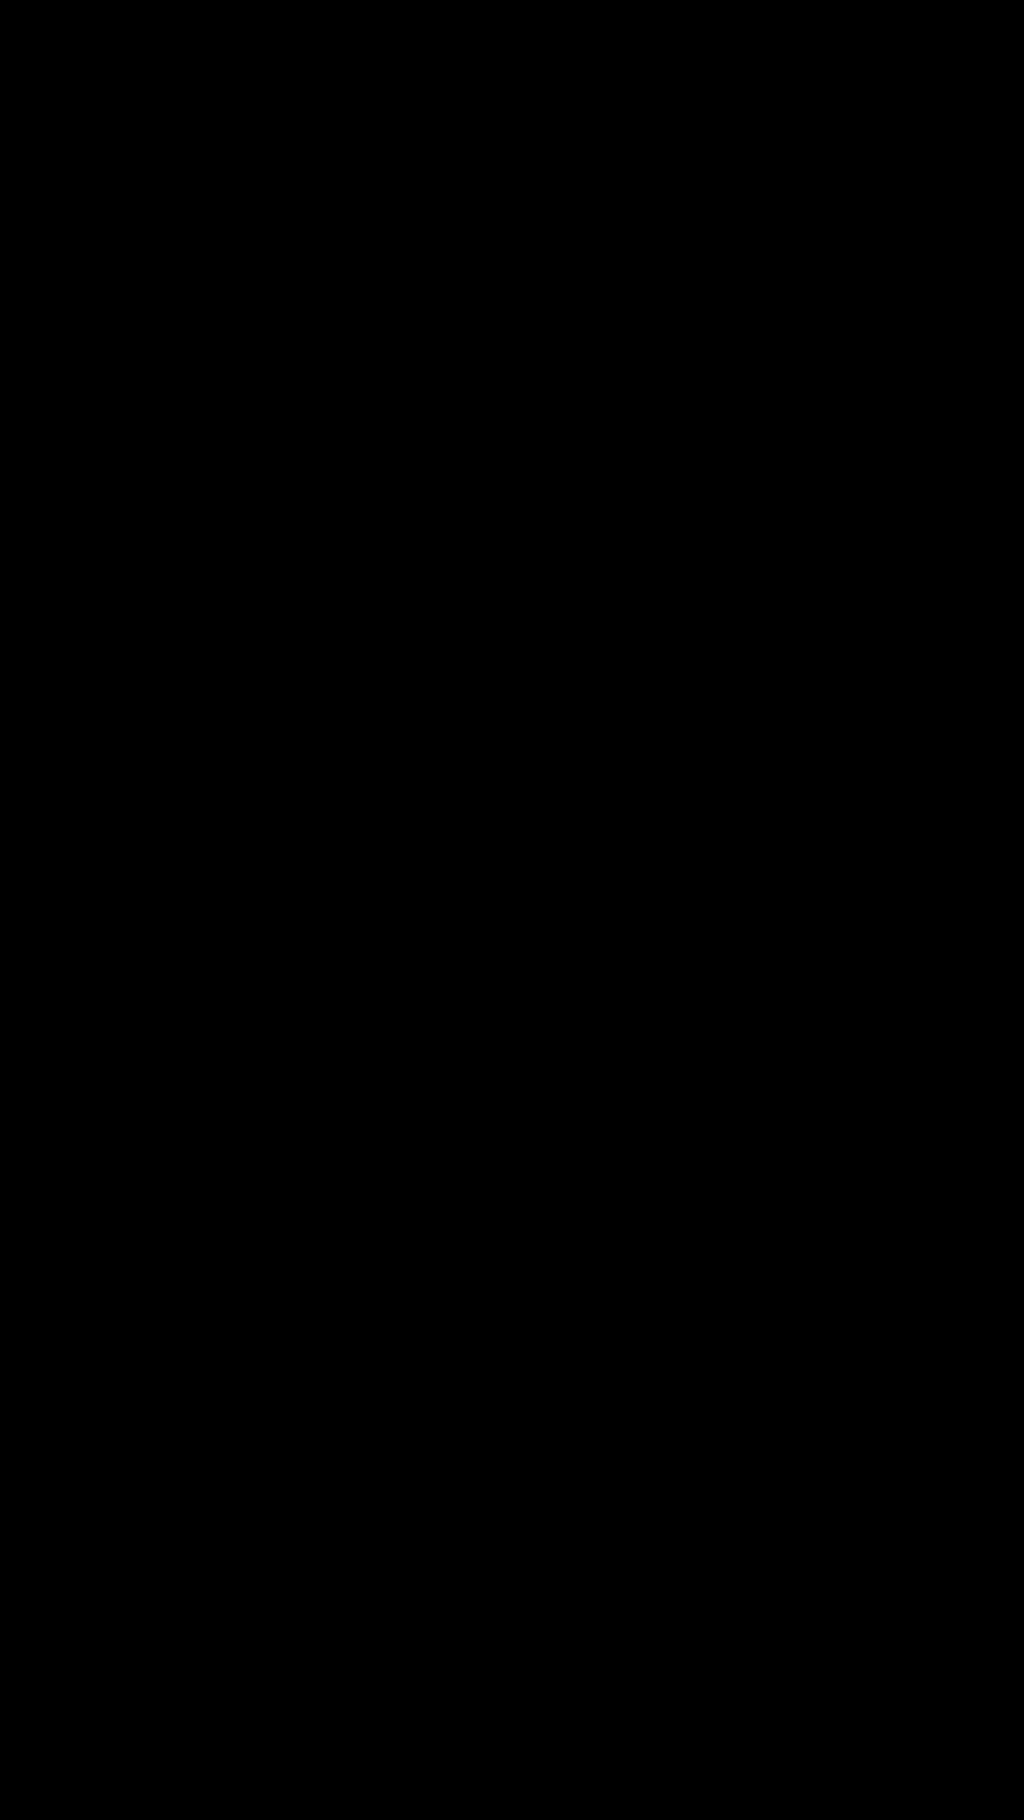 One Piece Lineart : Sanji vinsmock one piece lineart by swanartstudio on